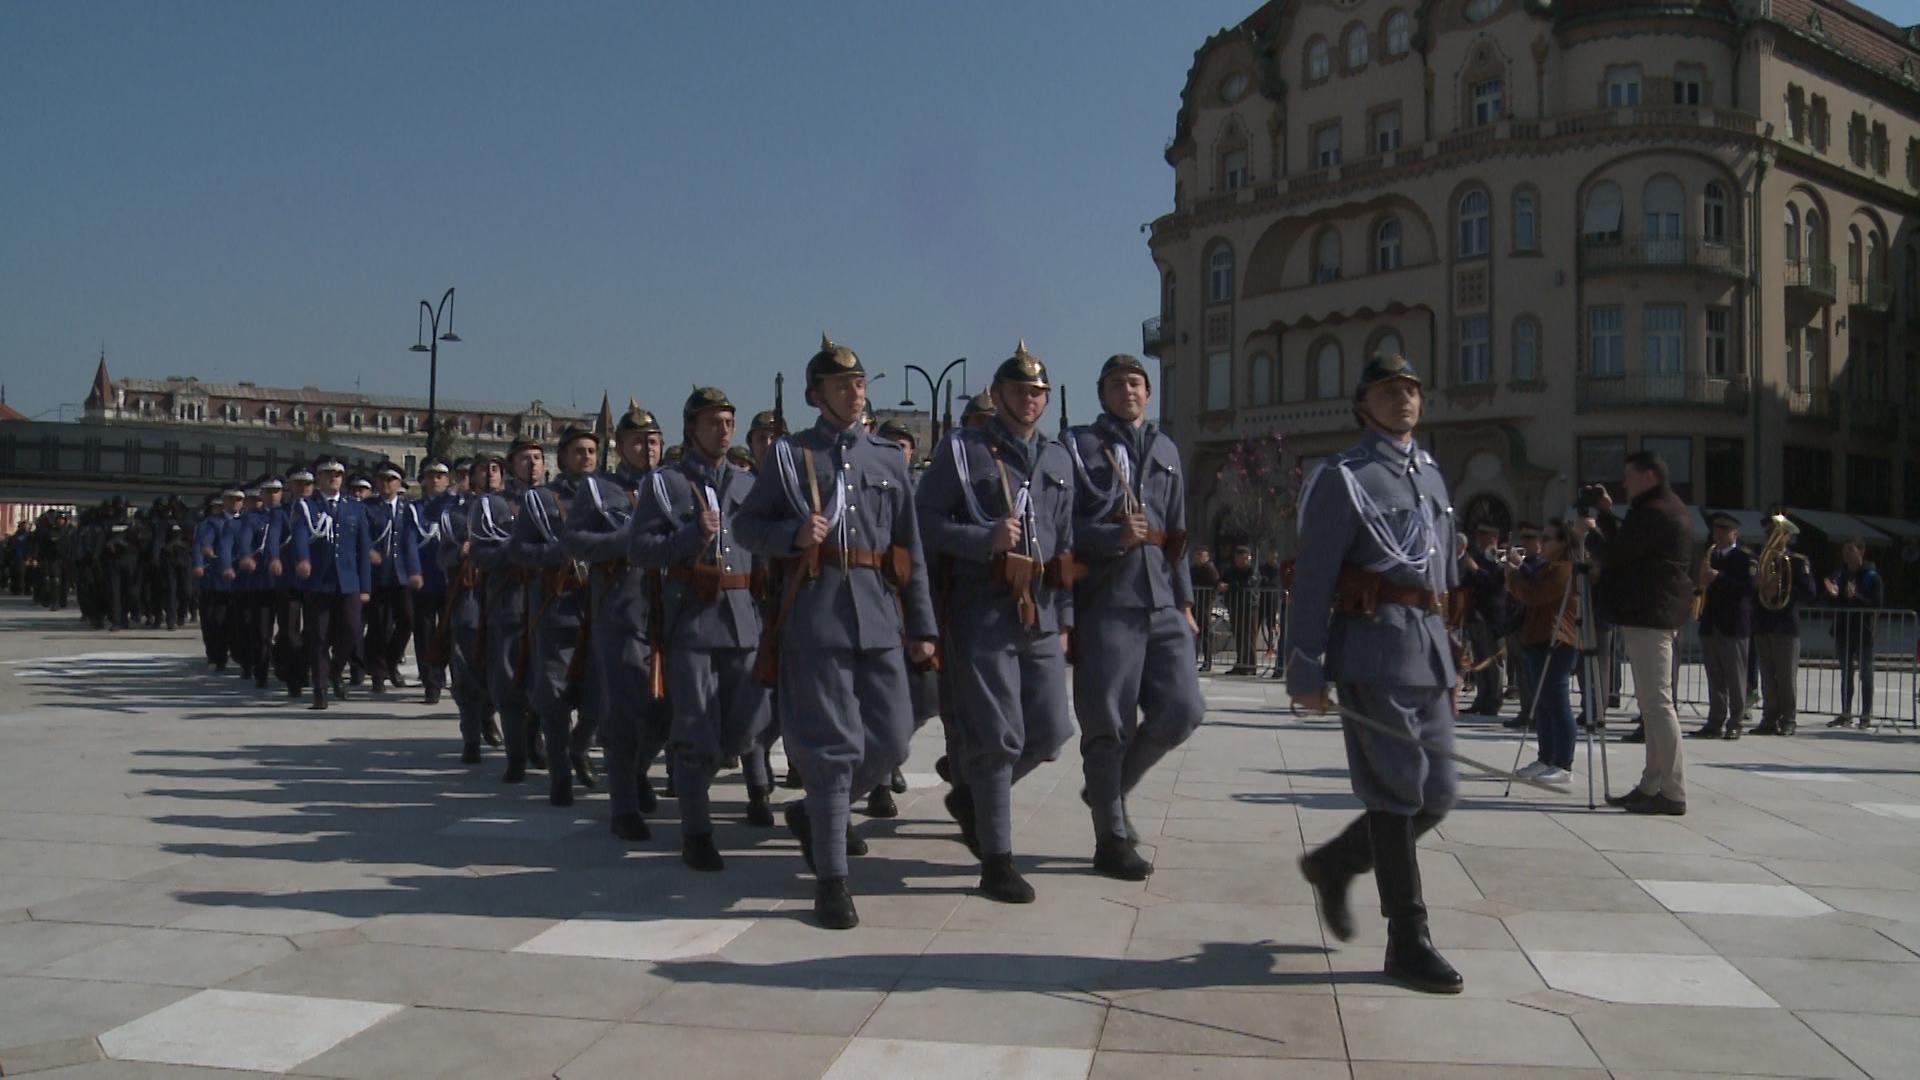 Lupte simulate si defilari in uniforme de acum 100 de ani, cu ocazia centenarului Jandarmeriei Bihor